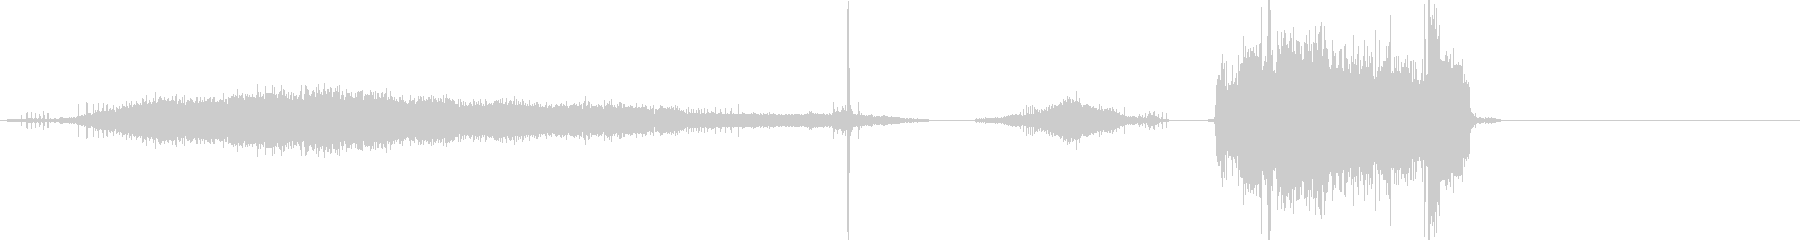 ロボットリムジャイレート;カートゥ...の未再生の波形